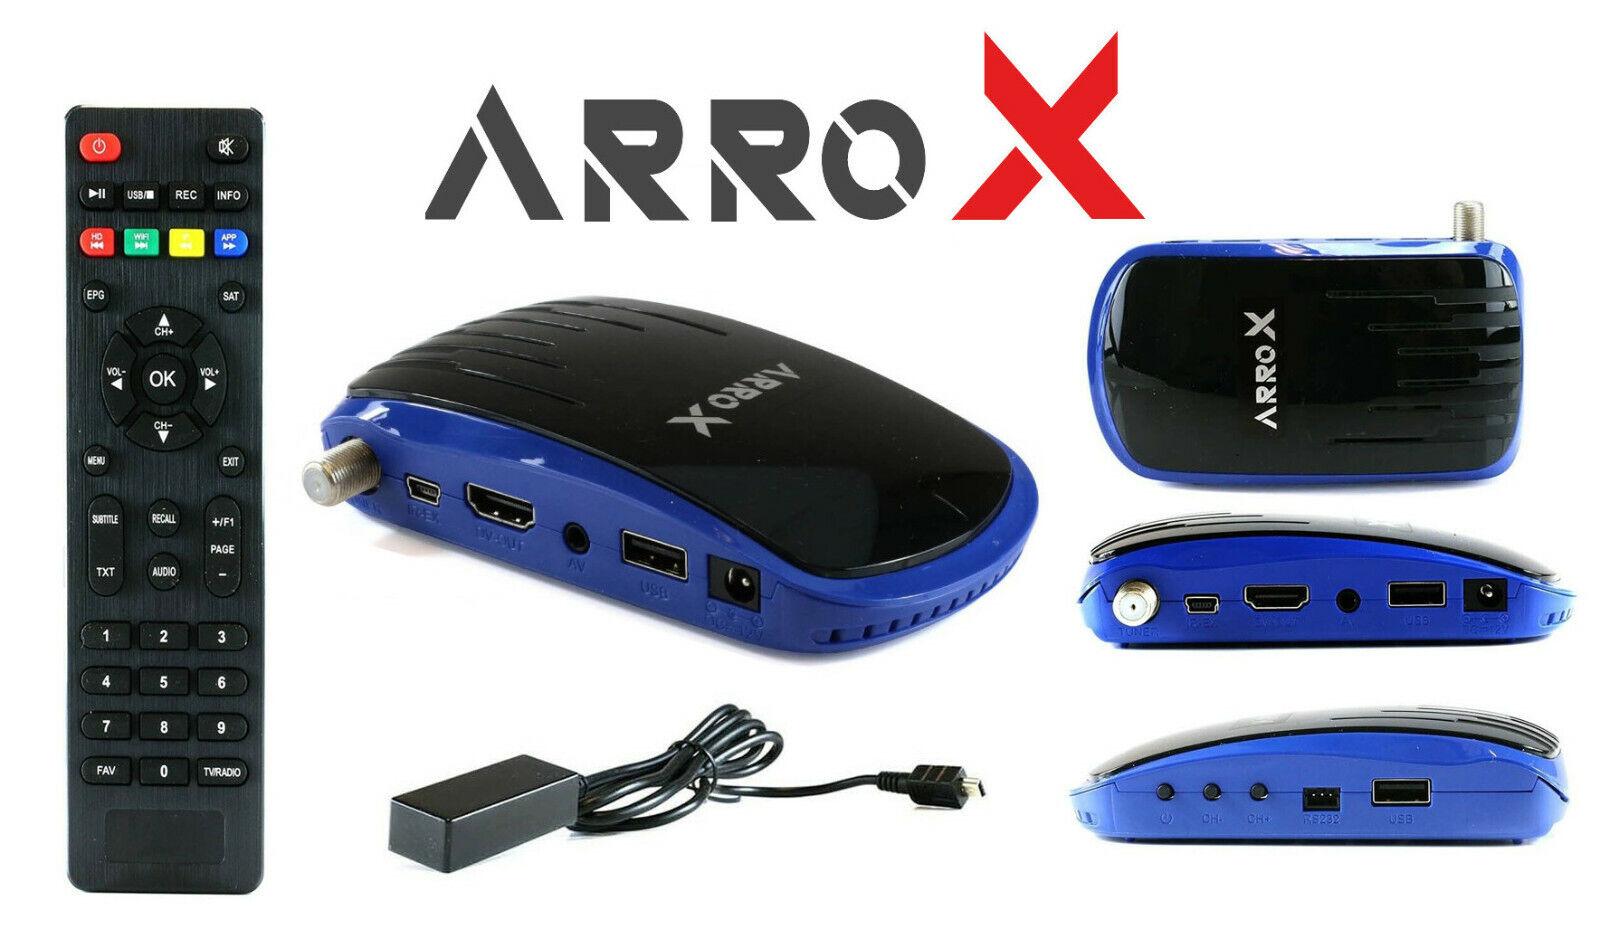 Arrox Ultra 7000 Slim Mini HD Fta Full HD DVB-S2 Sat Receiver USB HDMI